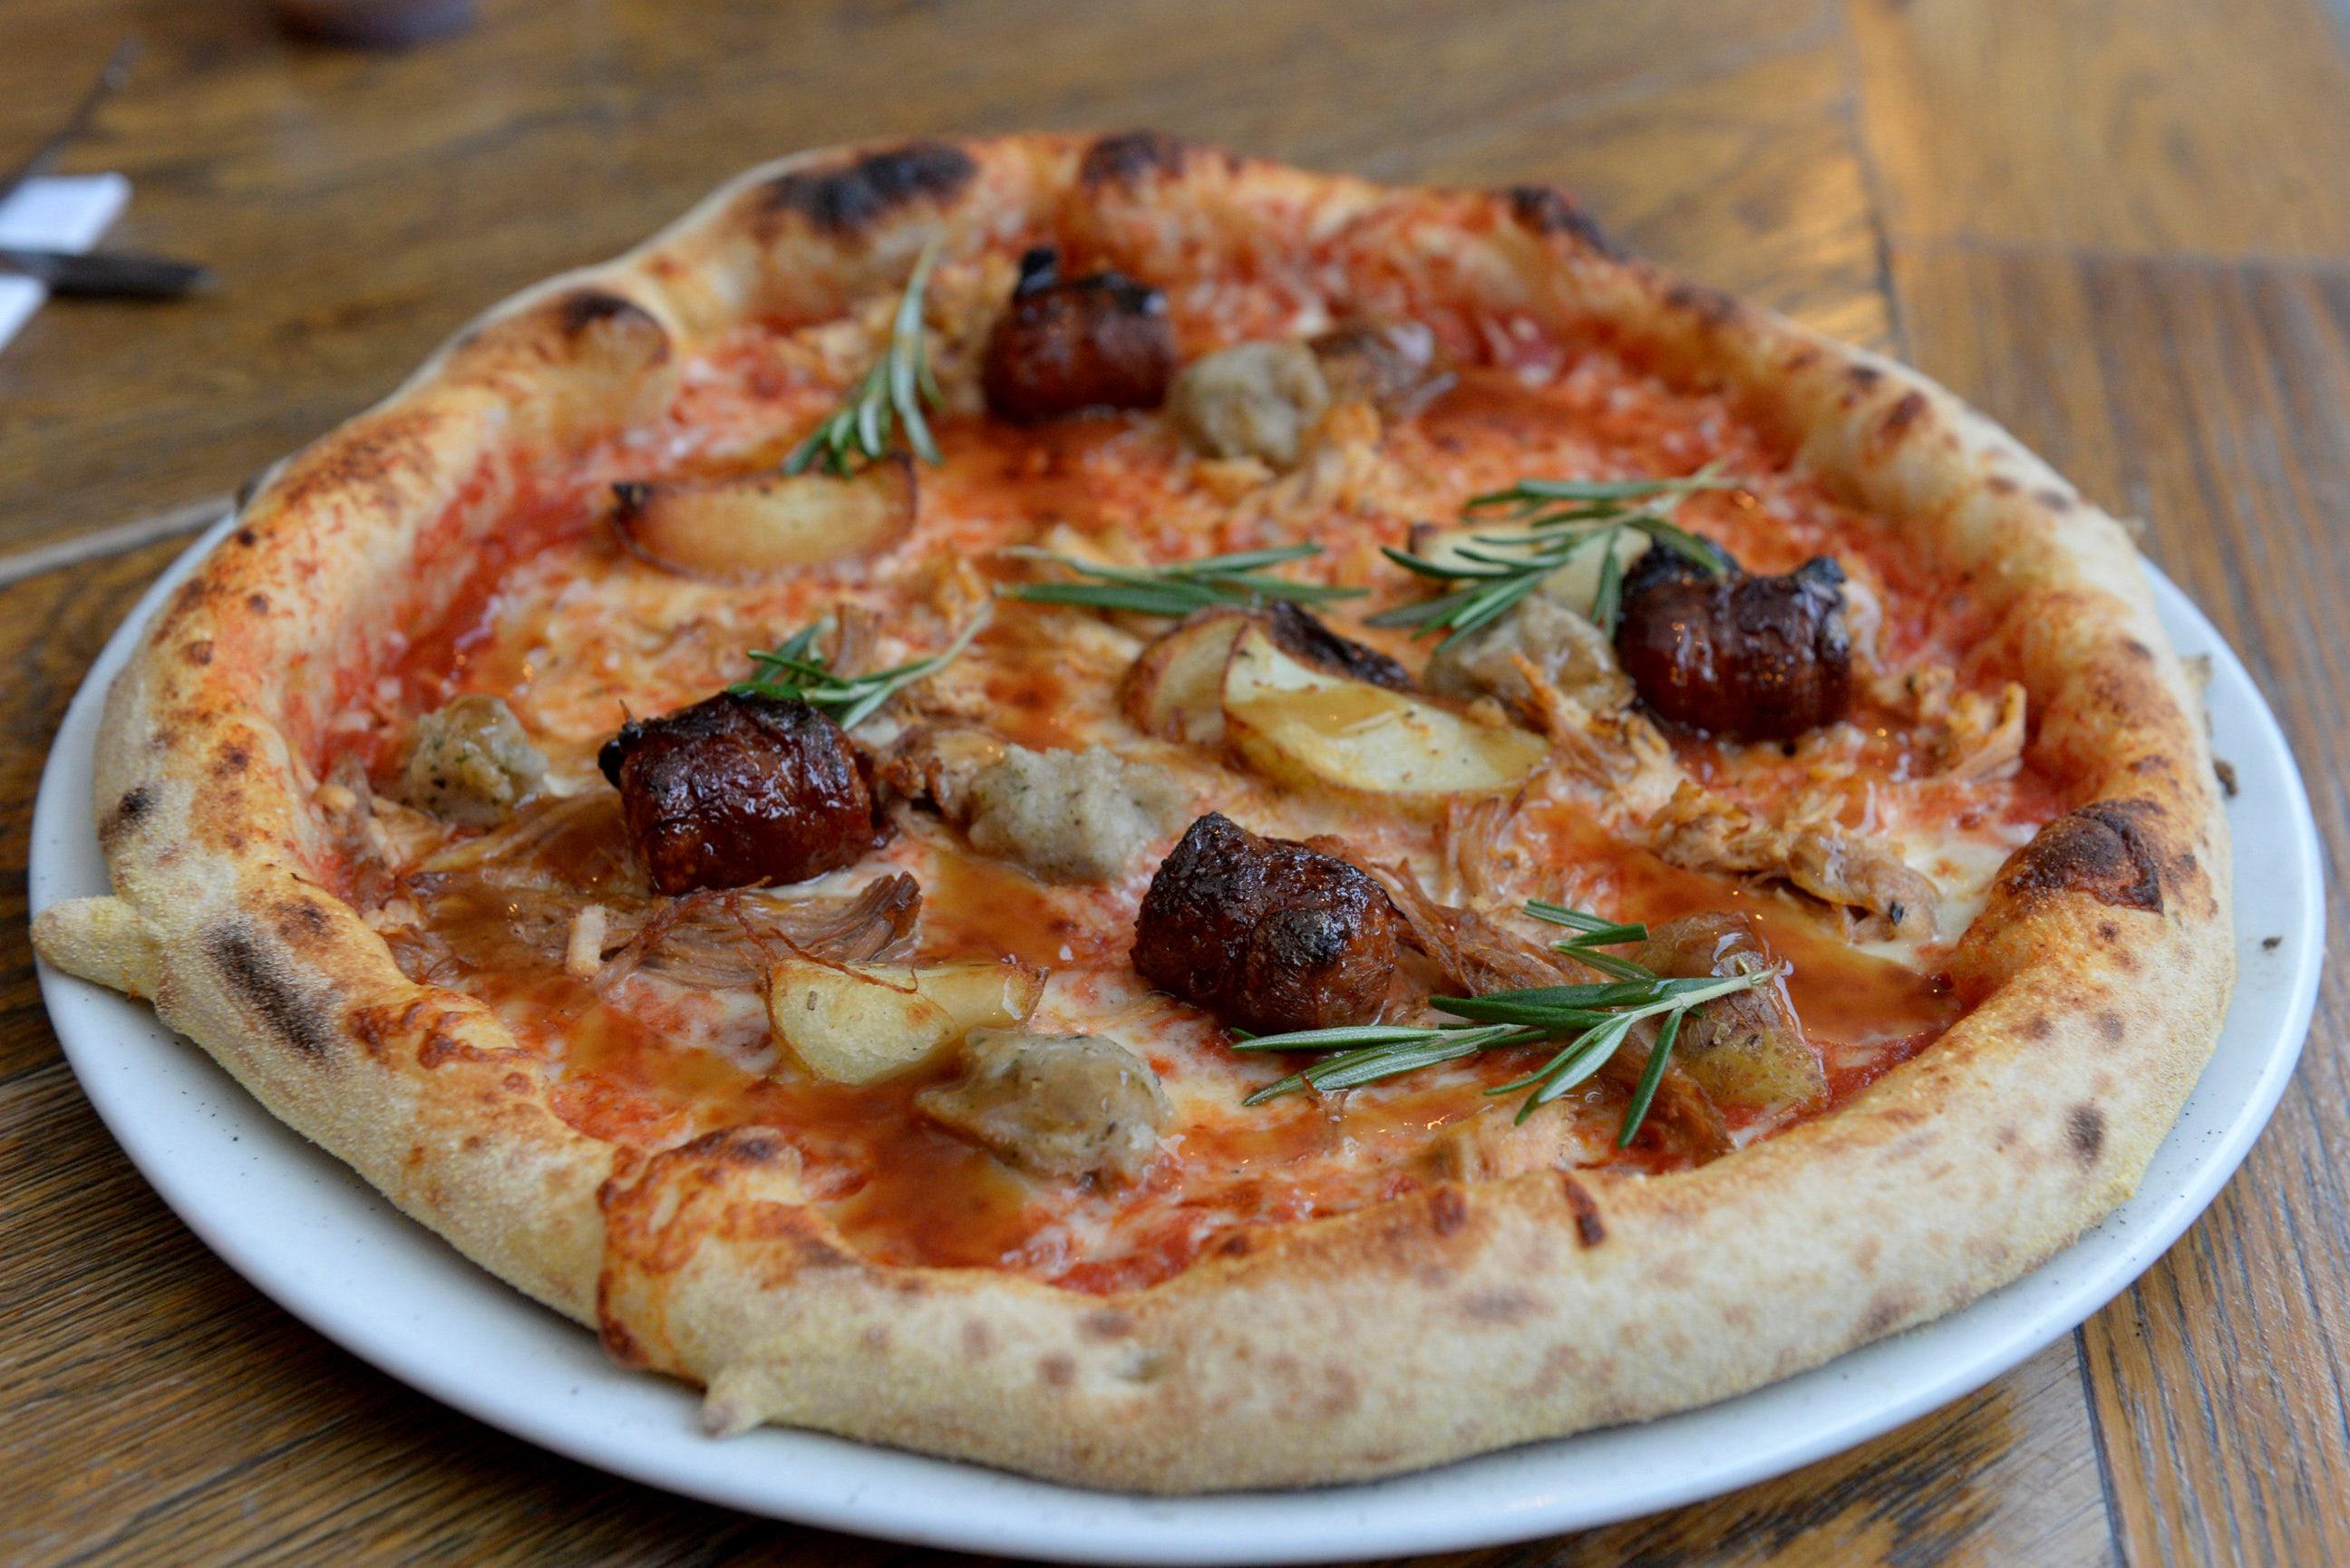 Millennials mengatakan makanan italia favorit mereka karena itu 'Instagrammable,' survei klaim